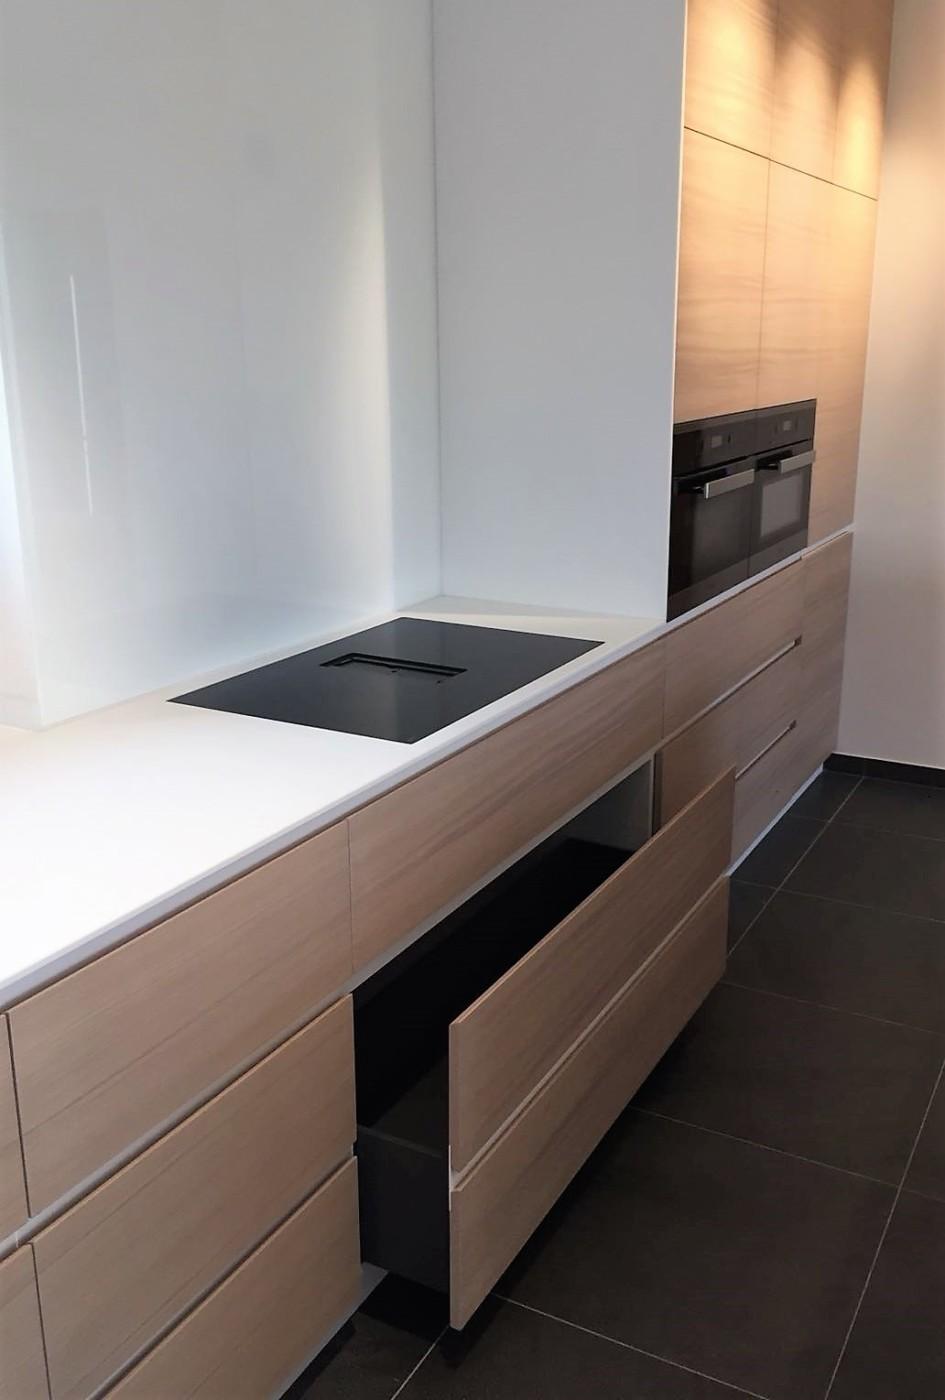 Meuble Corian Sur Mesure mobilier pour cuisine contemporaine - mt-design